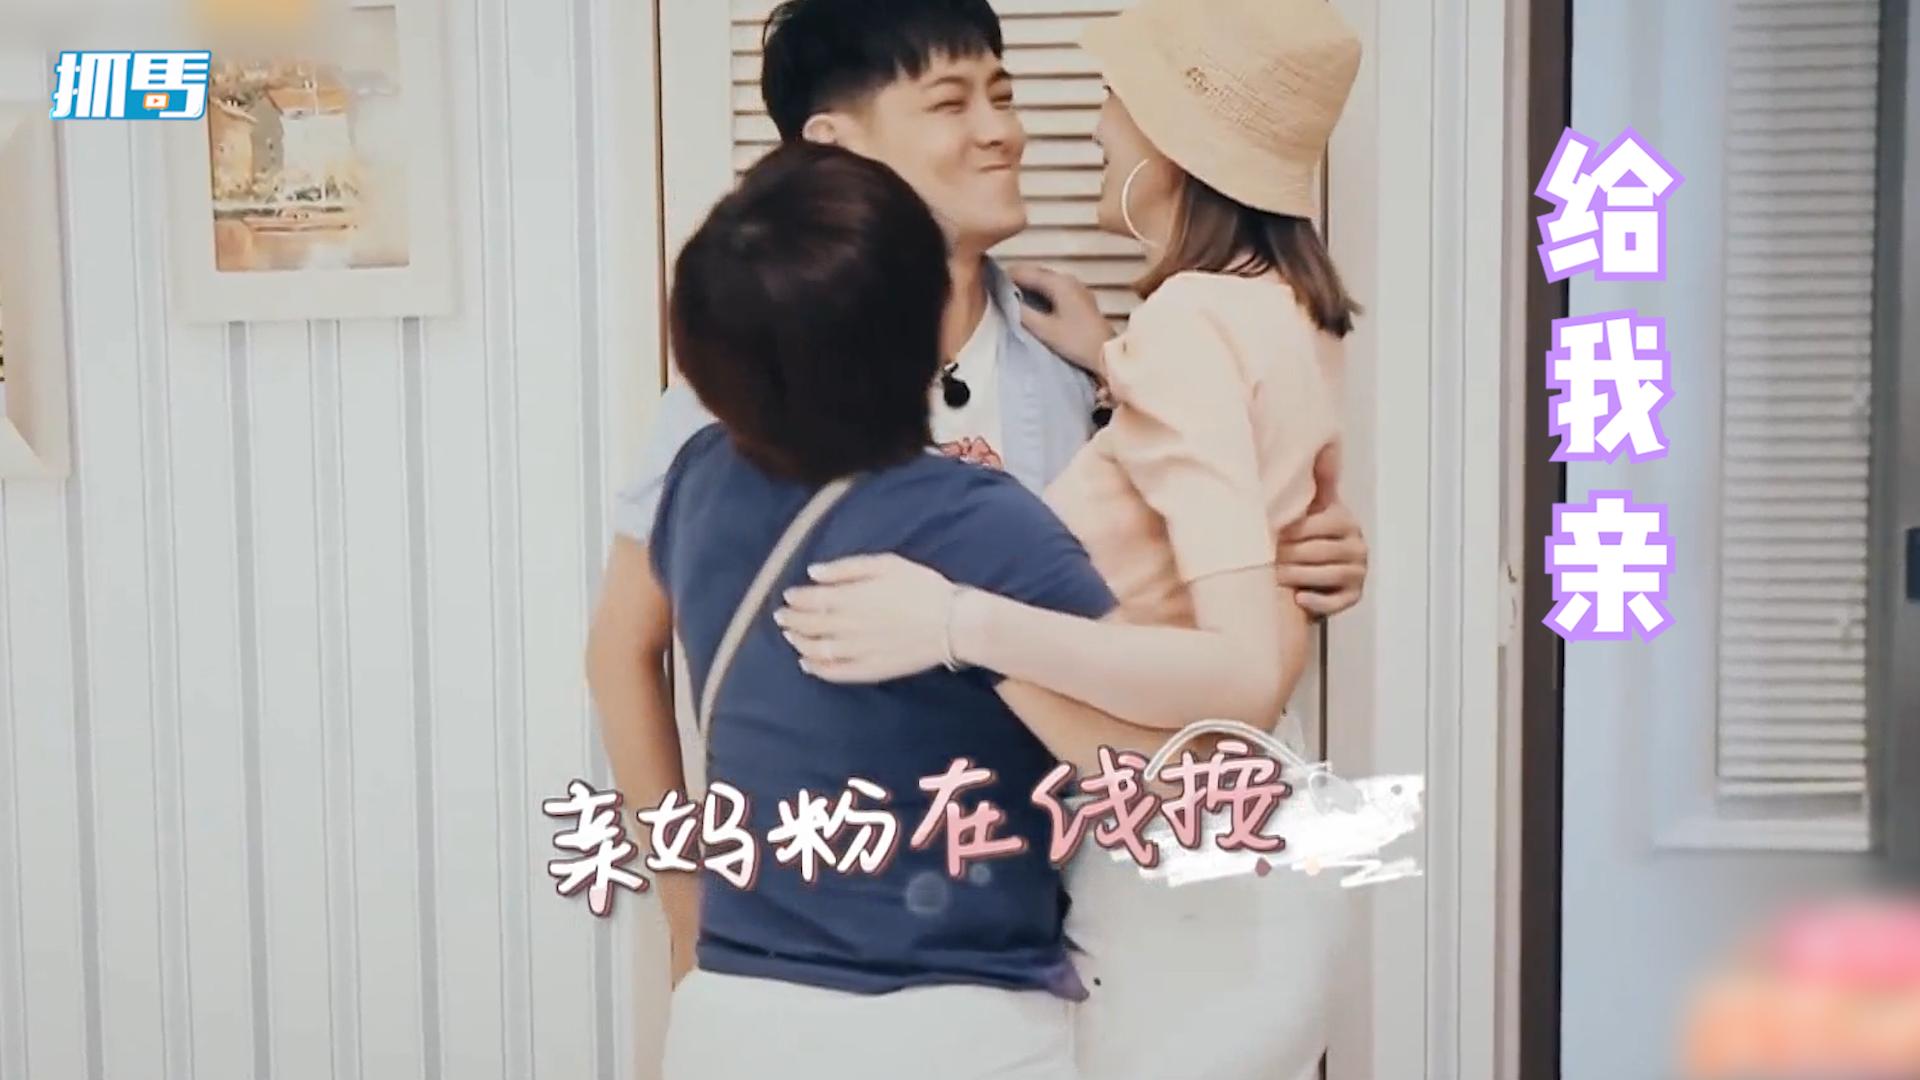 林志颖拒和陈若仪接吻,林妈妈直接上手摁两人头,小志嘴都在拒绝